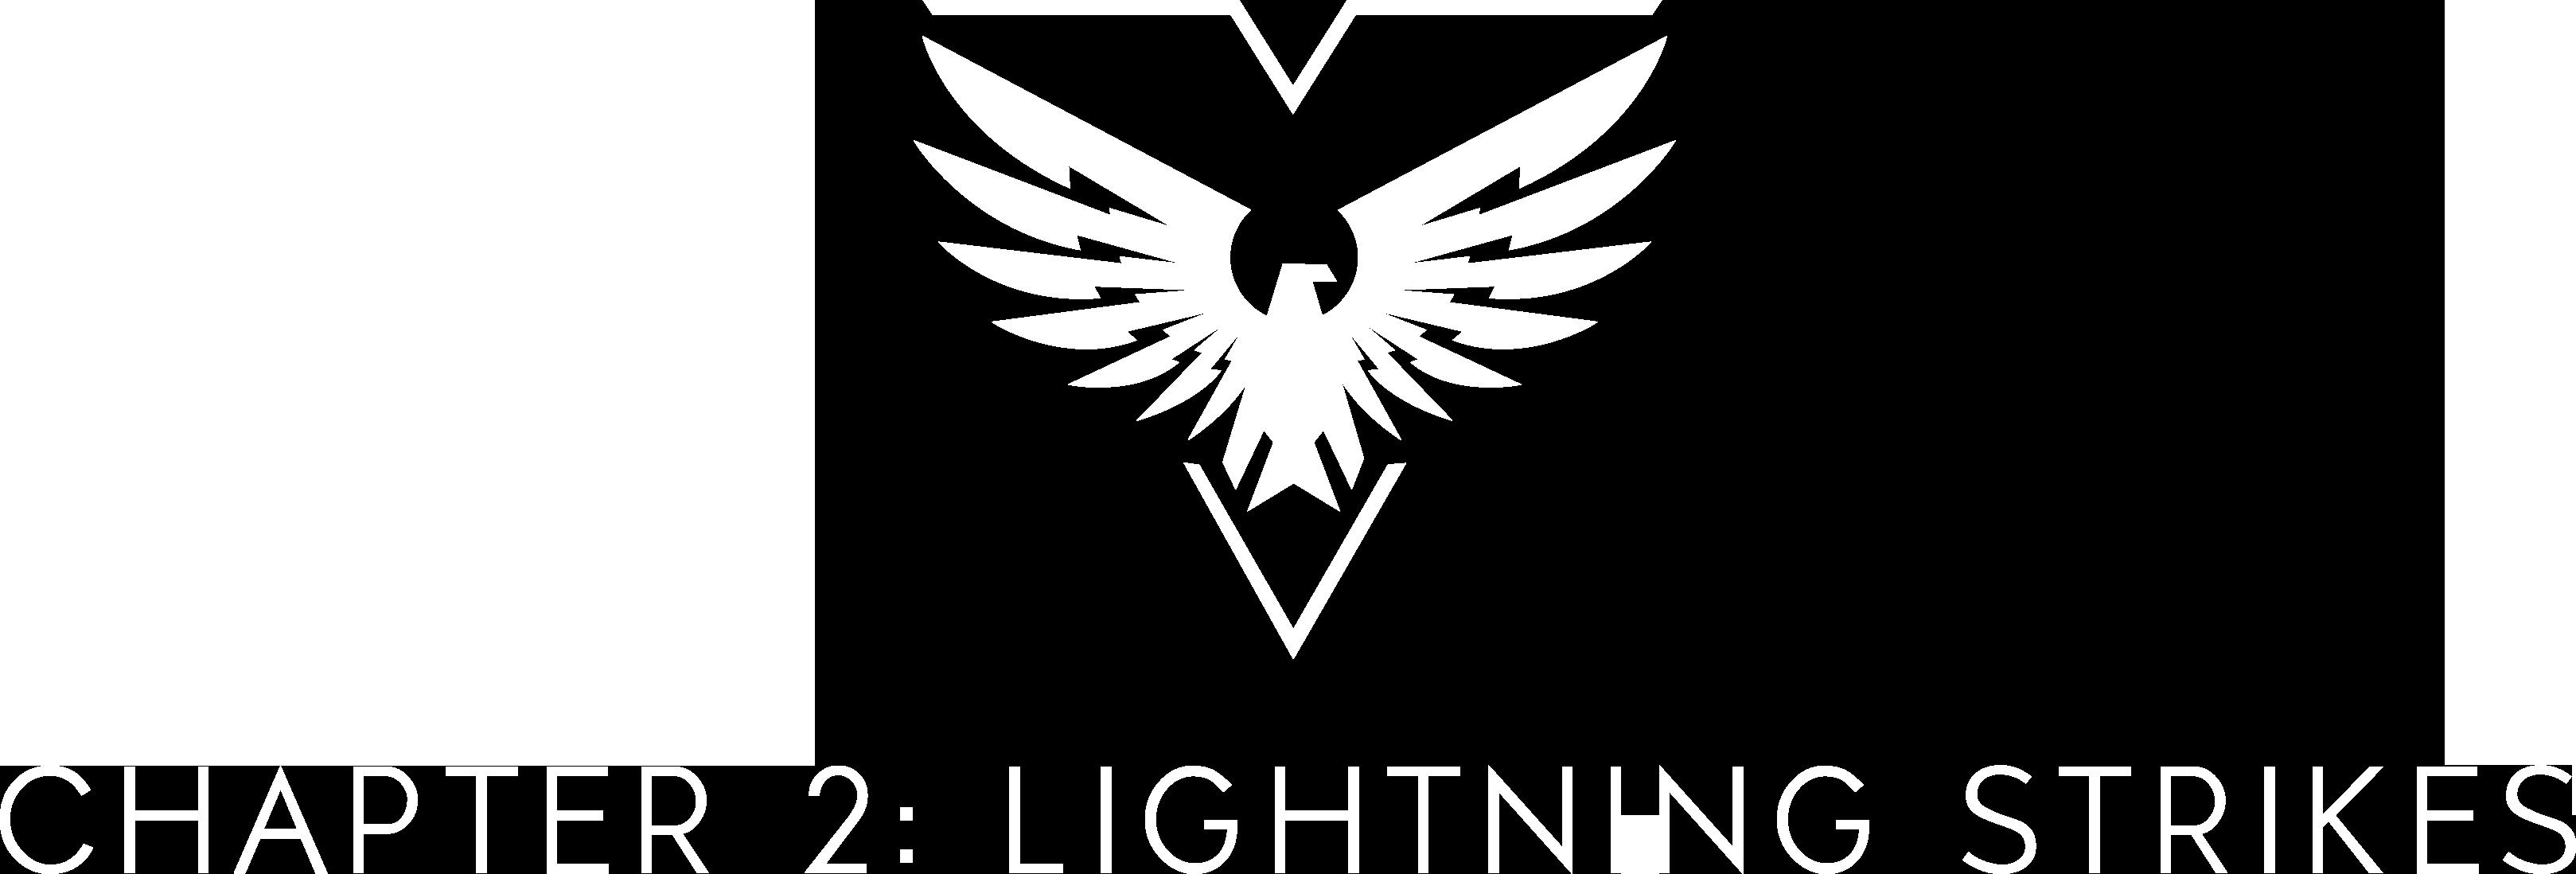 Battlefield V Tides of War Lightning Strikes Logo (1)